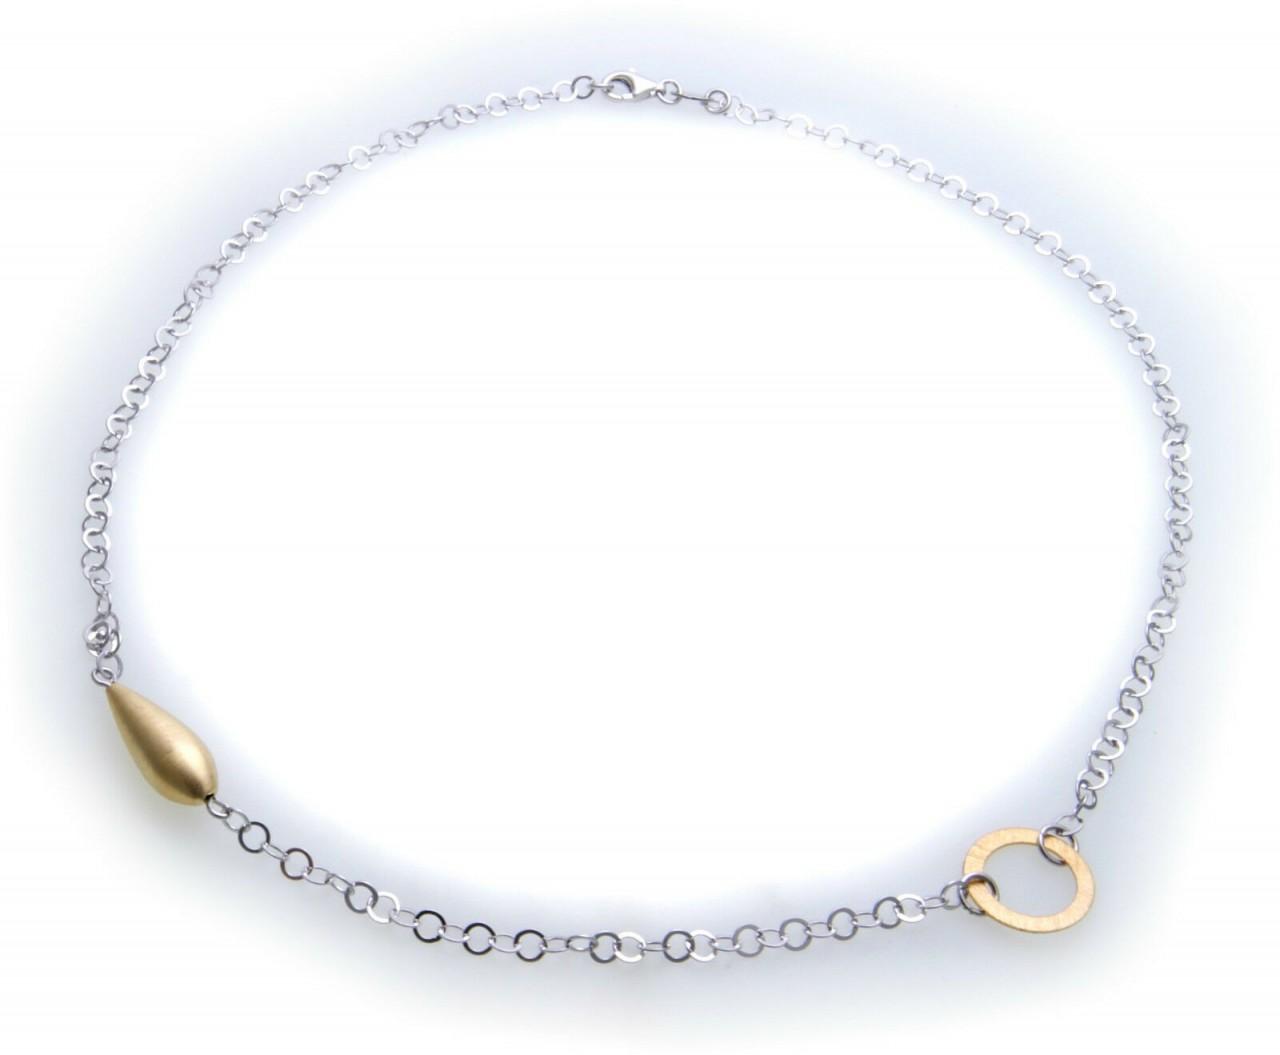 exkl Damen Collier Zirkonia Silber 925 Sterlingsilber Gelbgold besch. Halskette